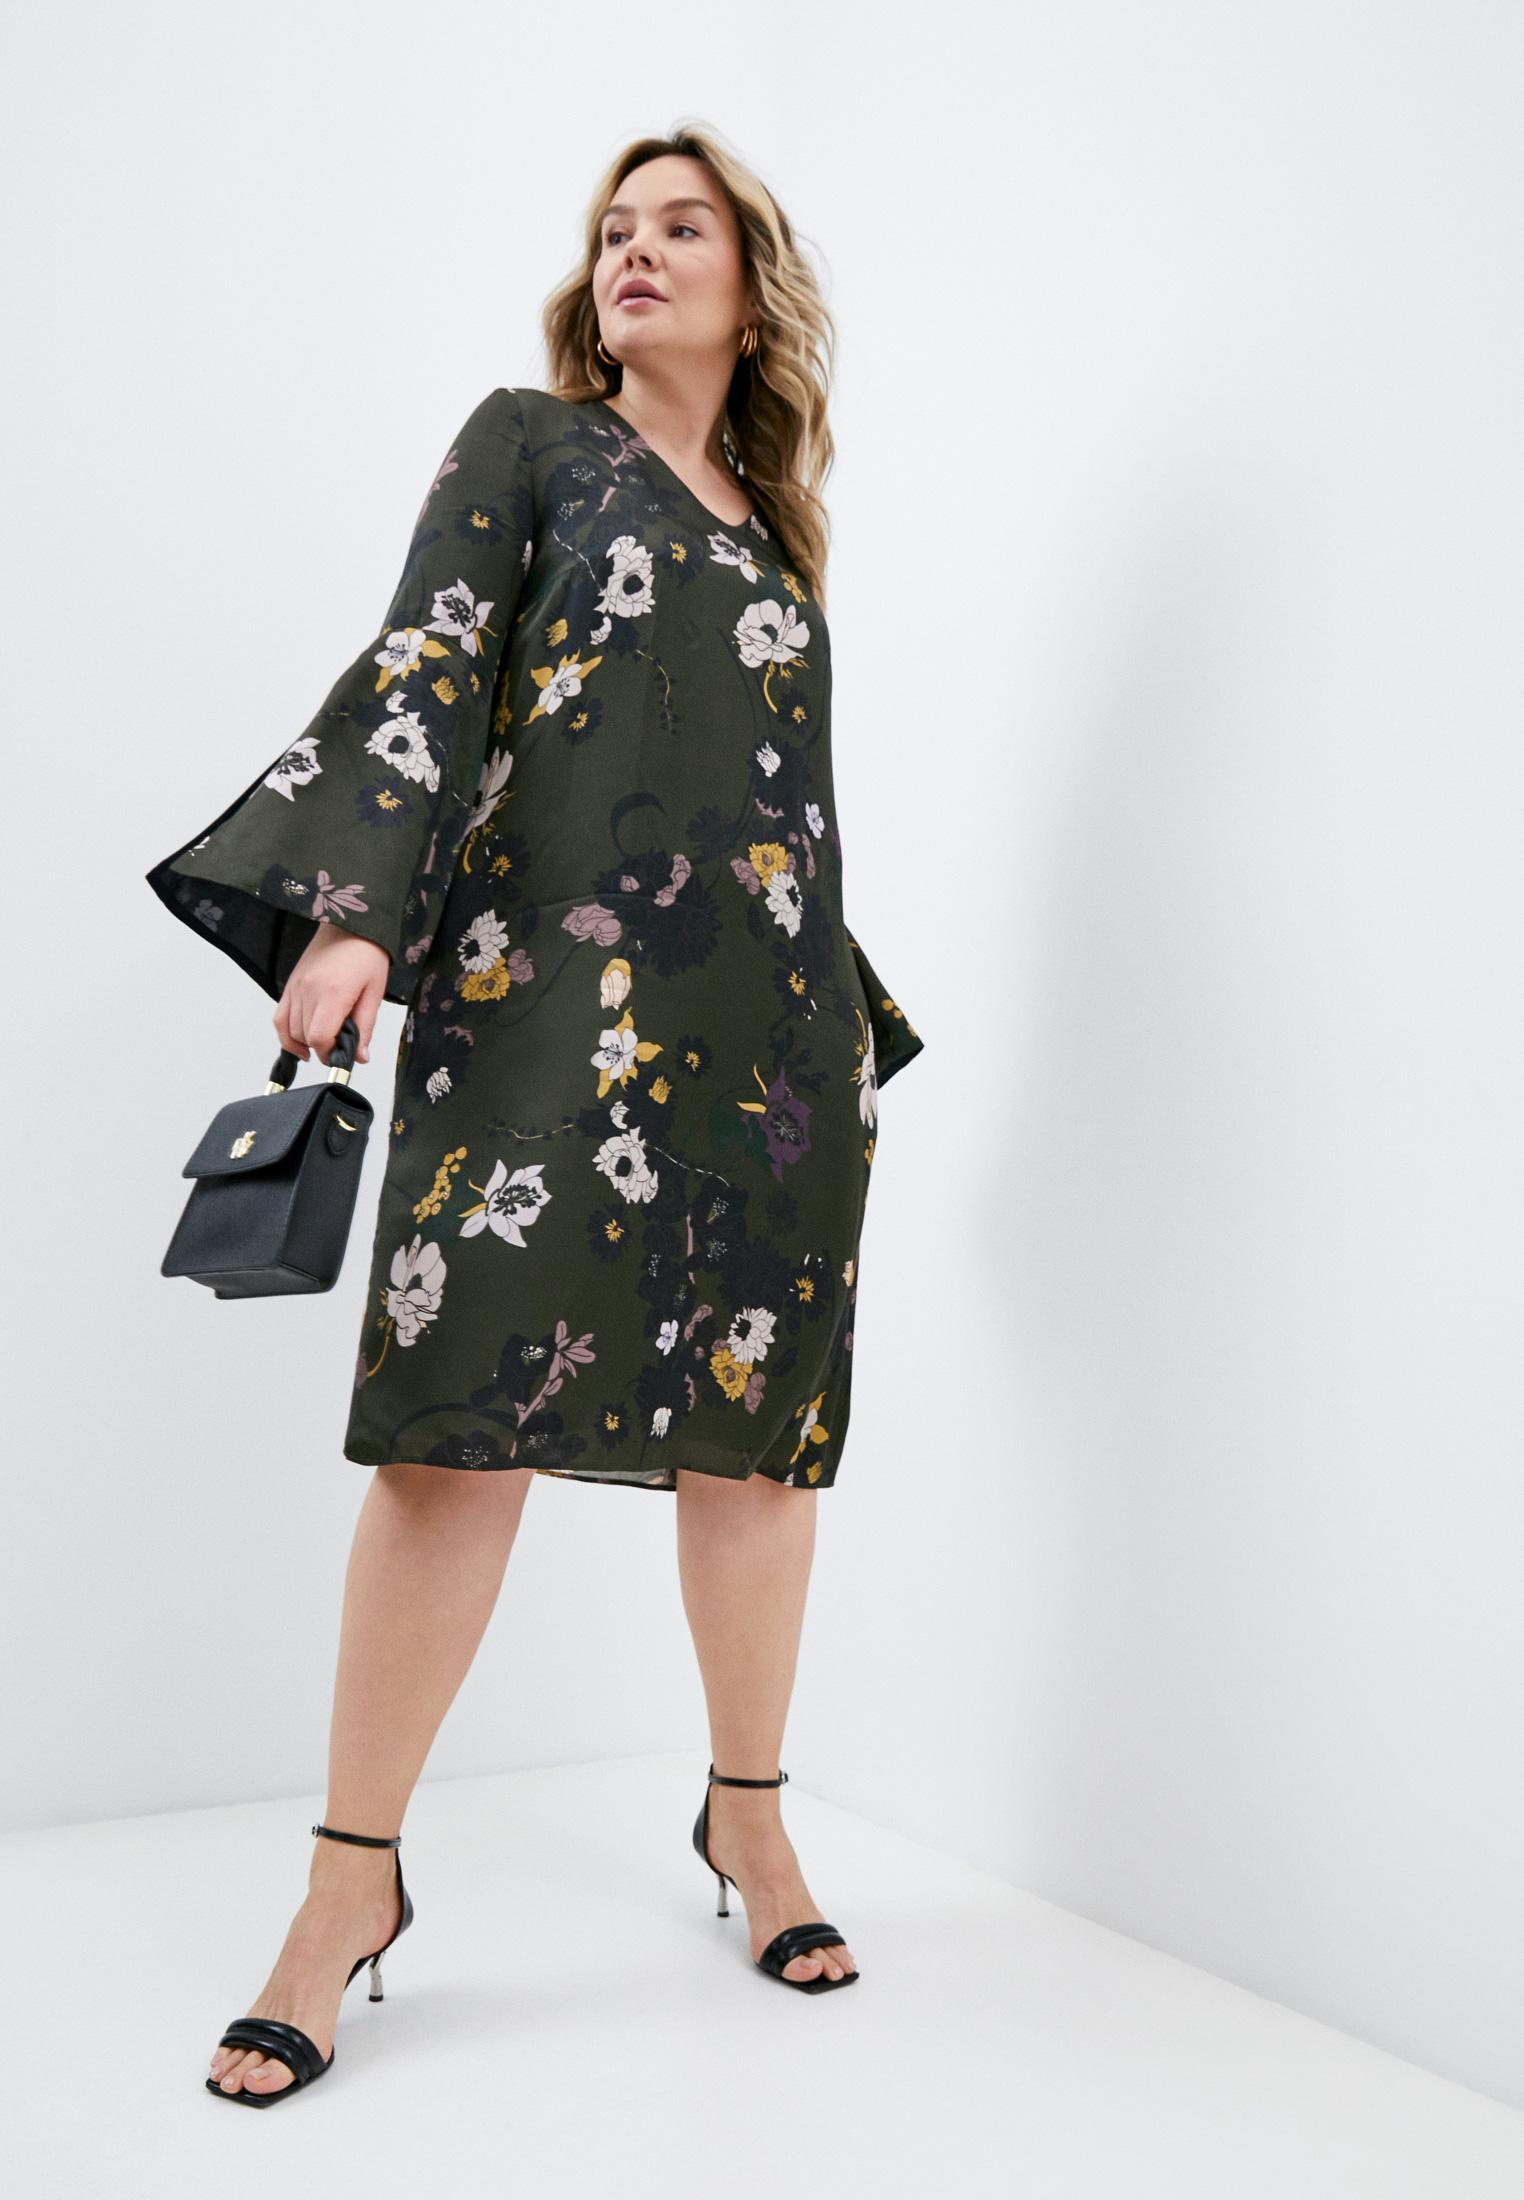 Повседневное платье Elena Miro (Елена Миро) Платье Elena Miro